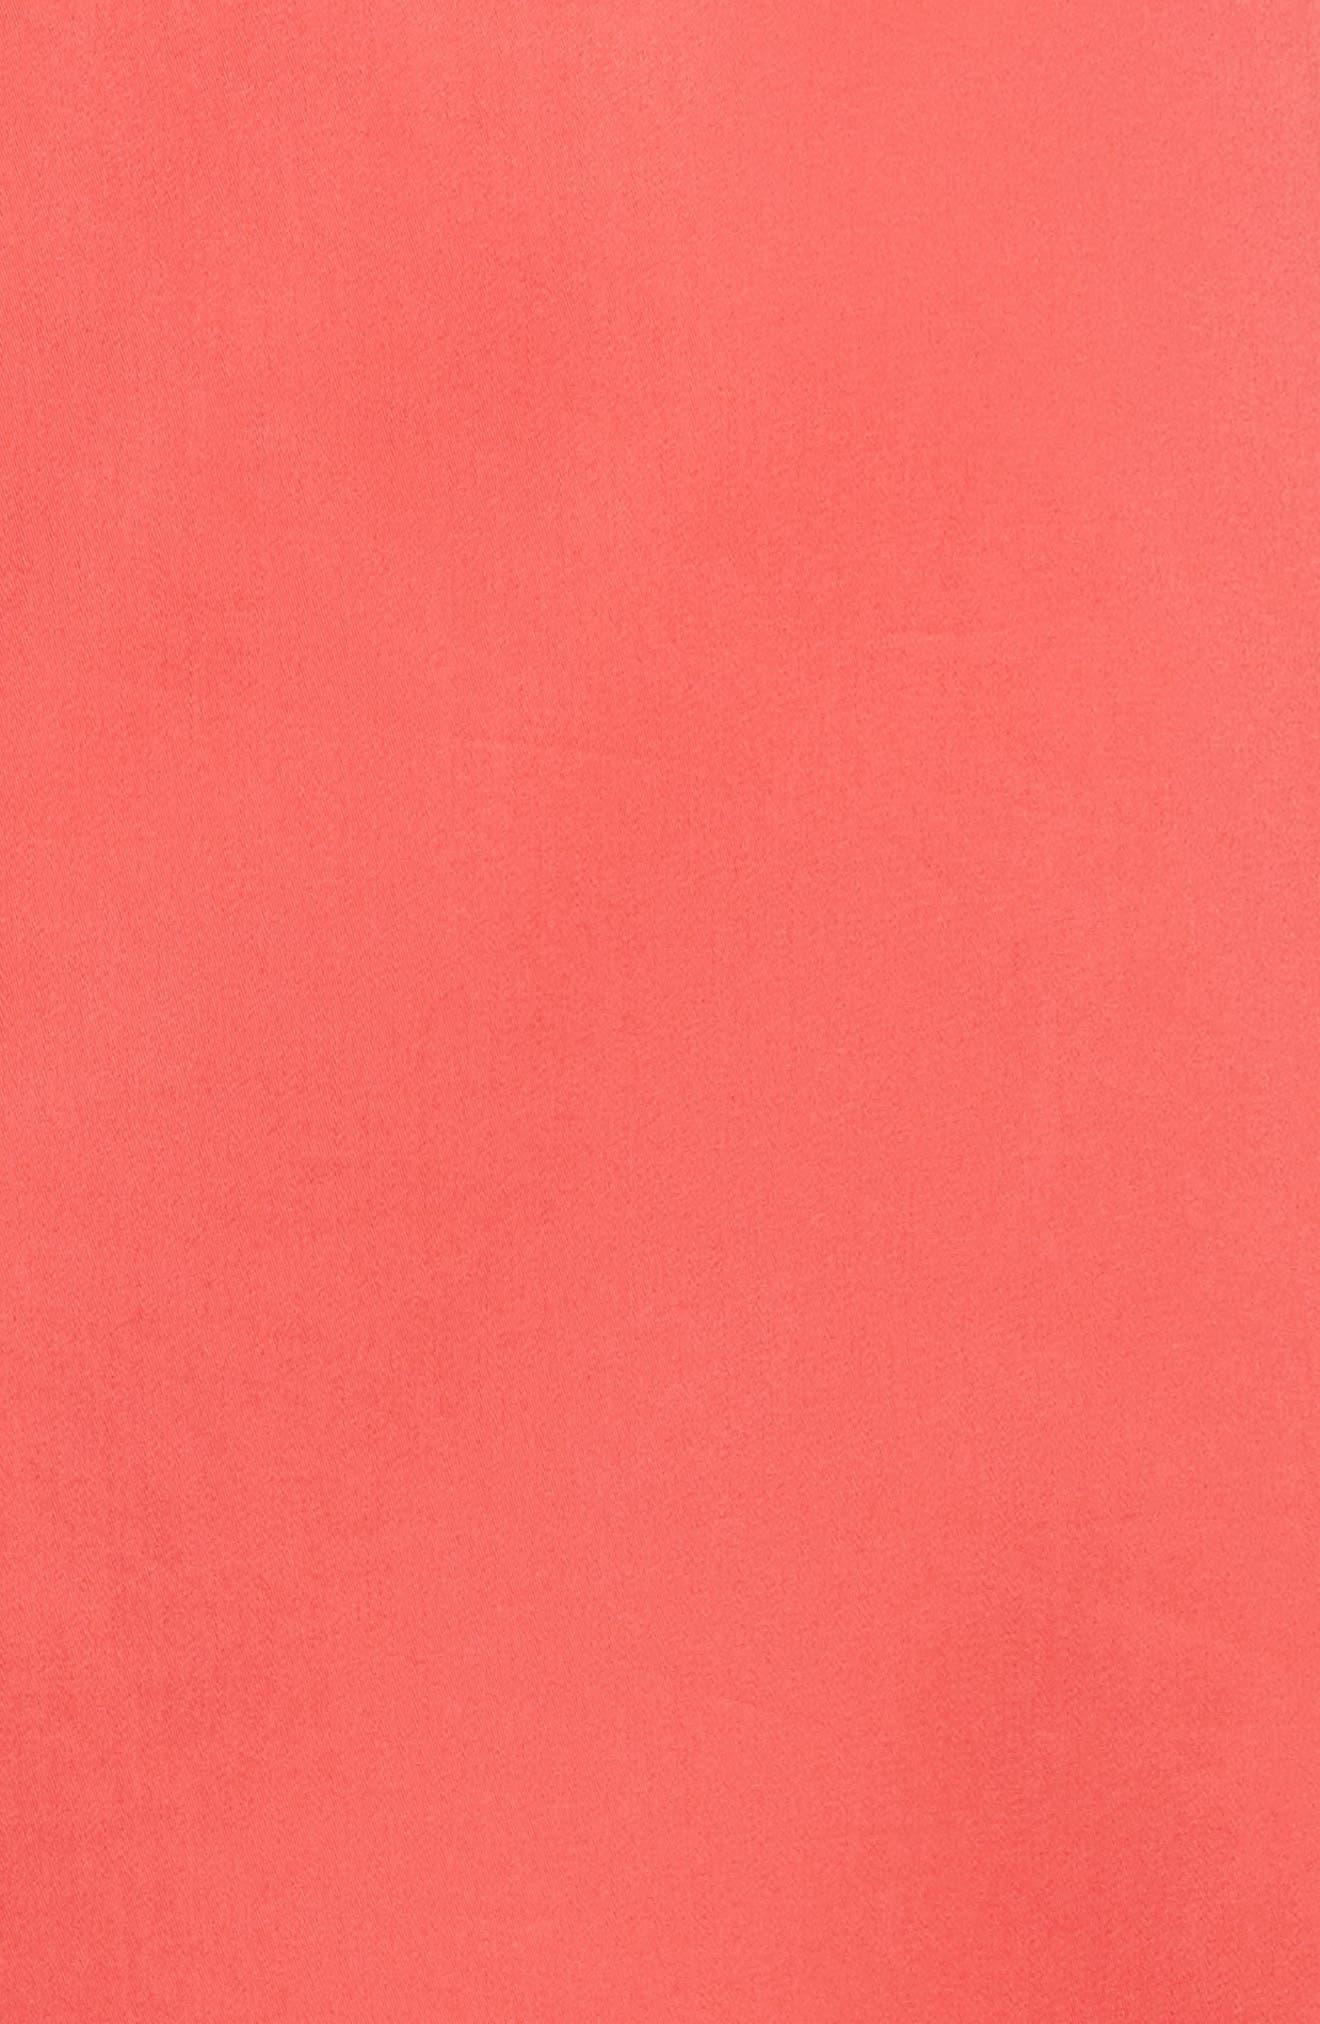 Prose & Poetry Tyra Midi Skirt,                             Alternate thumbnail 5, color,                             621